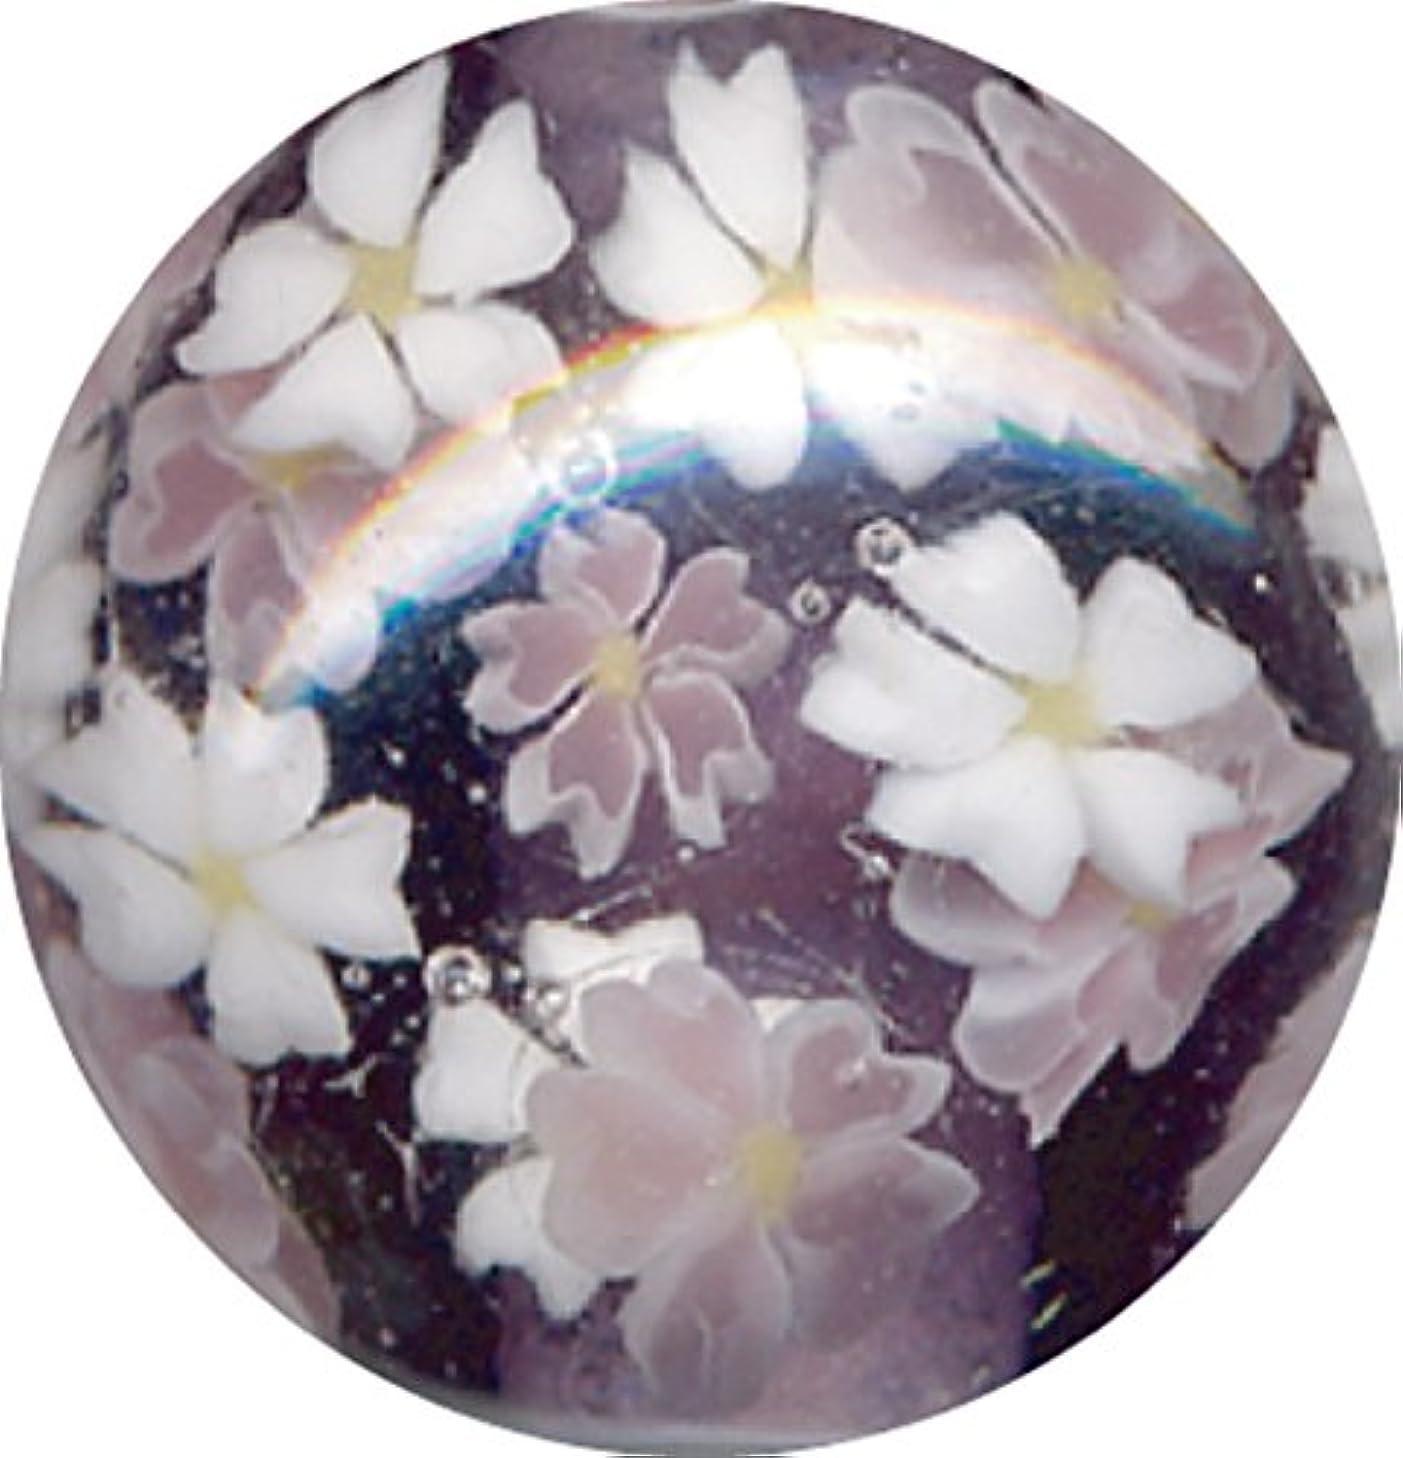 レコーダー佐賀好きとんぼ玉 桜柄 紫